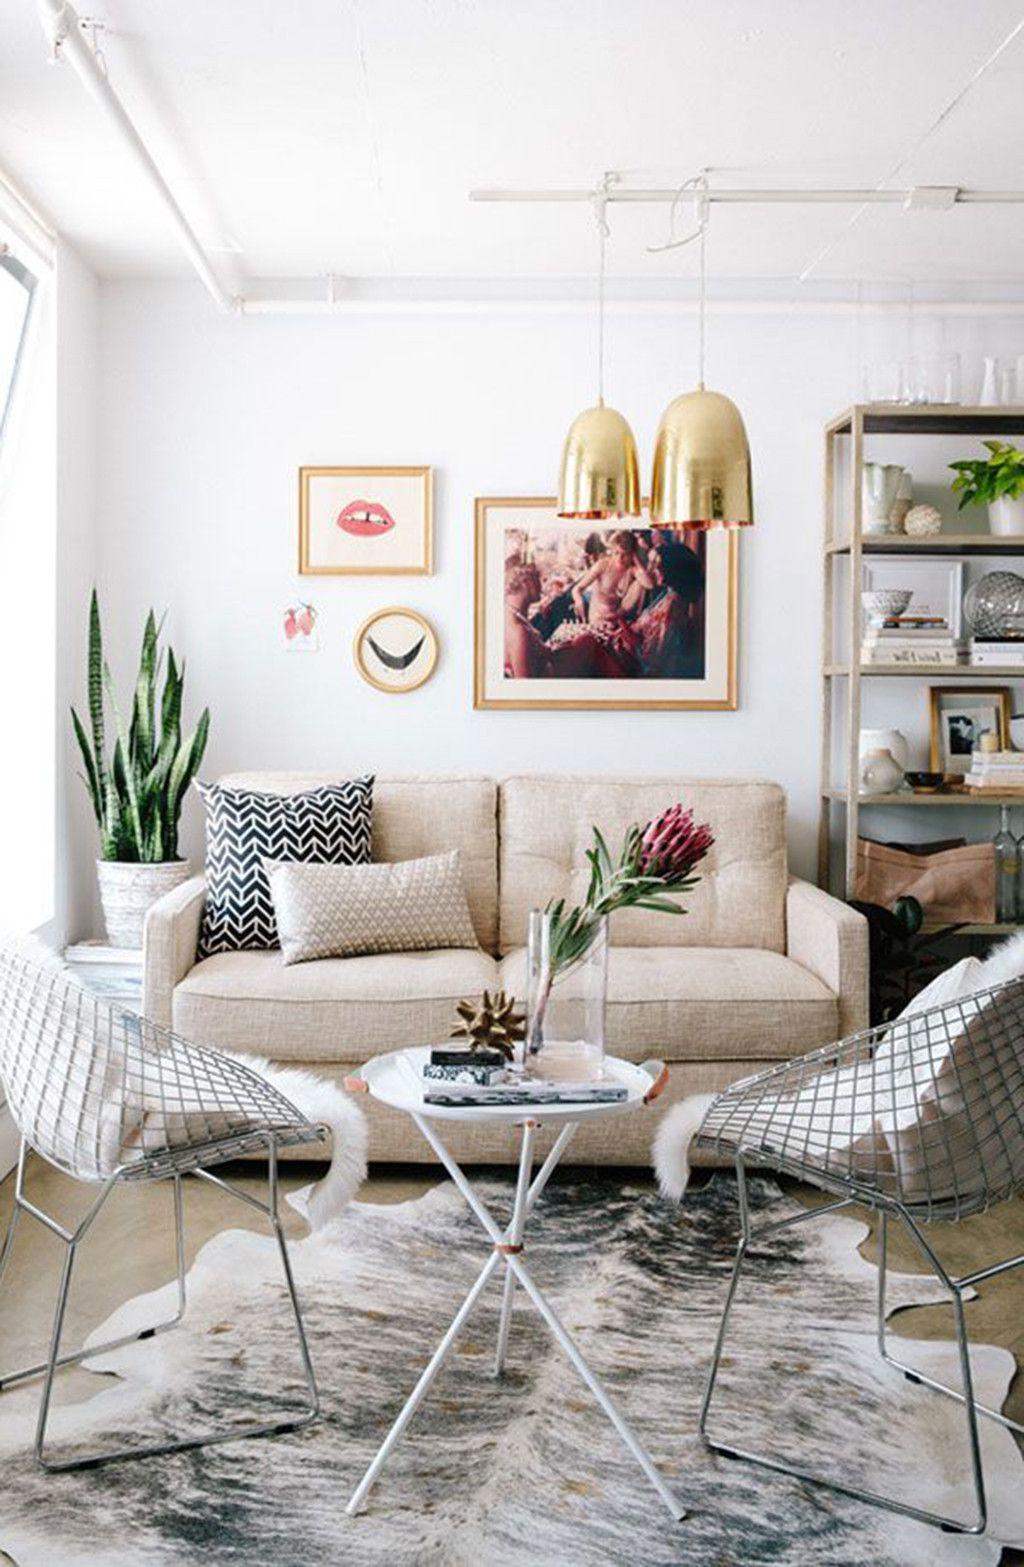 wohnzimmer modern einrichten bilder, kleines wohnzimmer einrichten – 70 frische wohnideen! | ideen rund, Design ideen